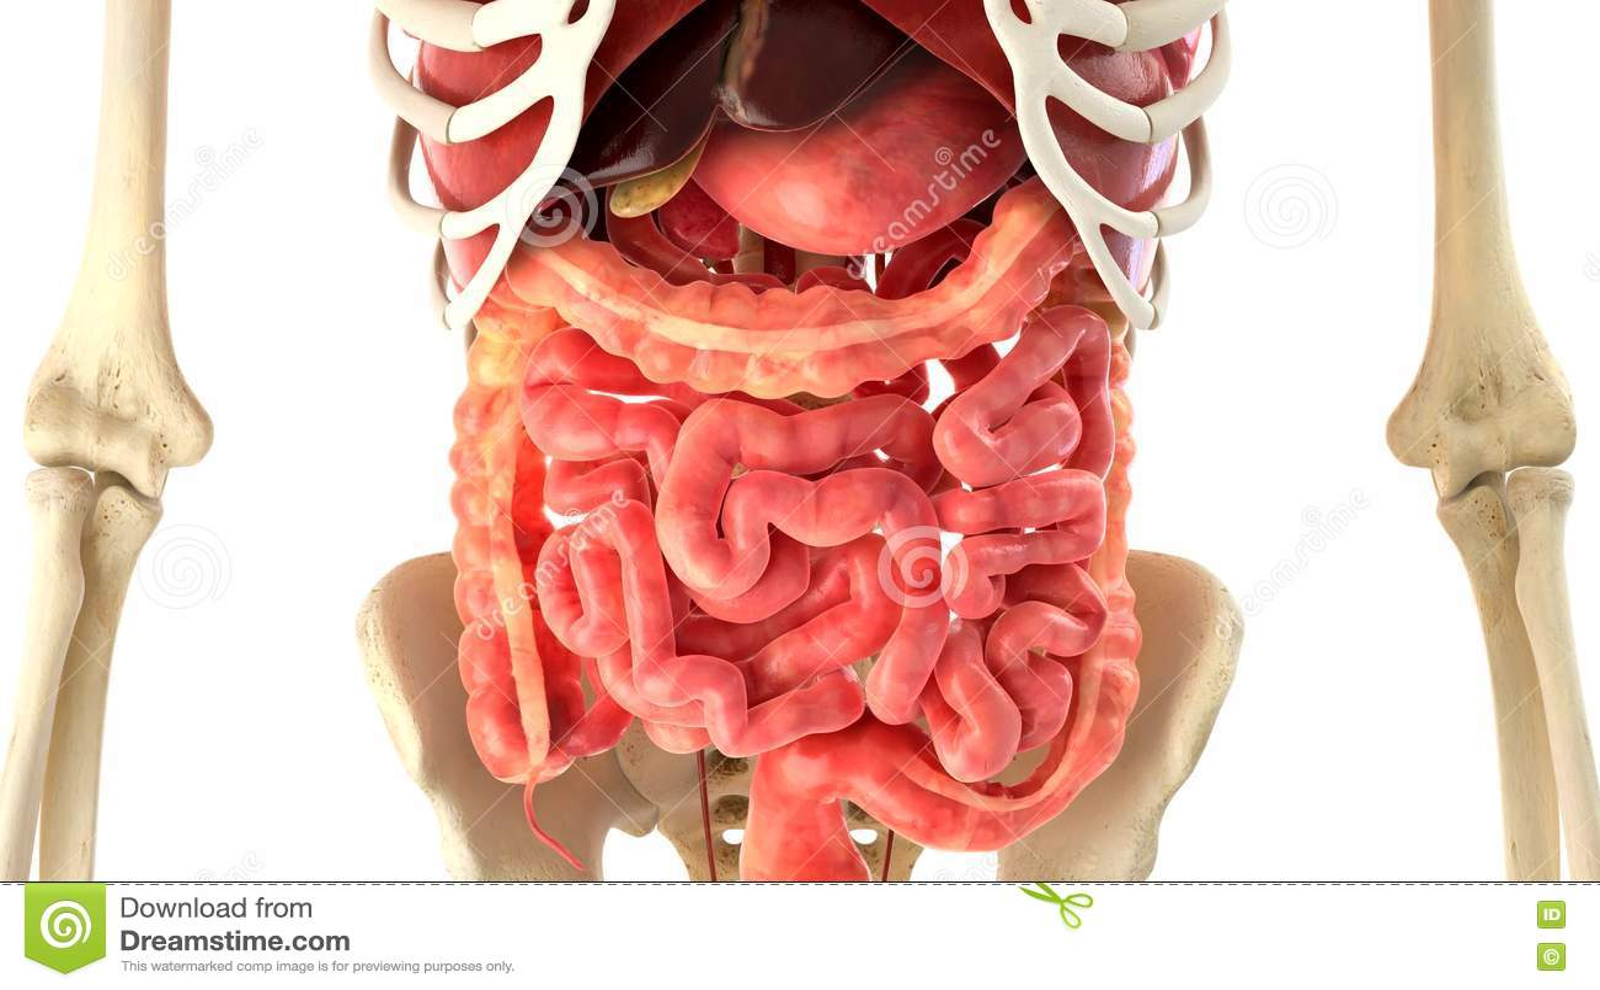 Representación Del Cuerpo Humano Y De Los órganos Internos 3d Stock ...